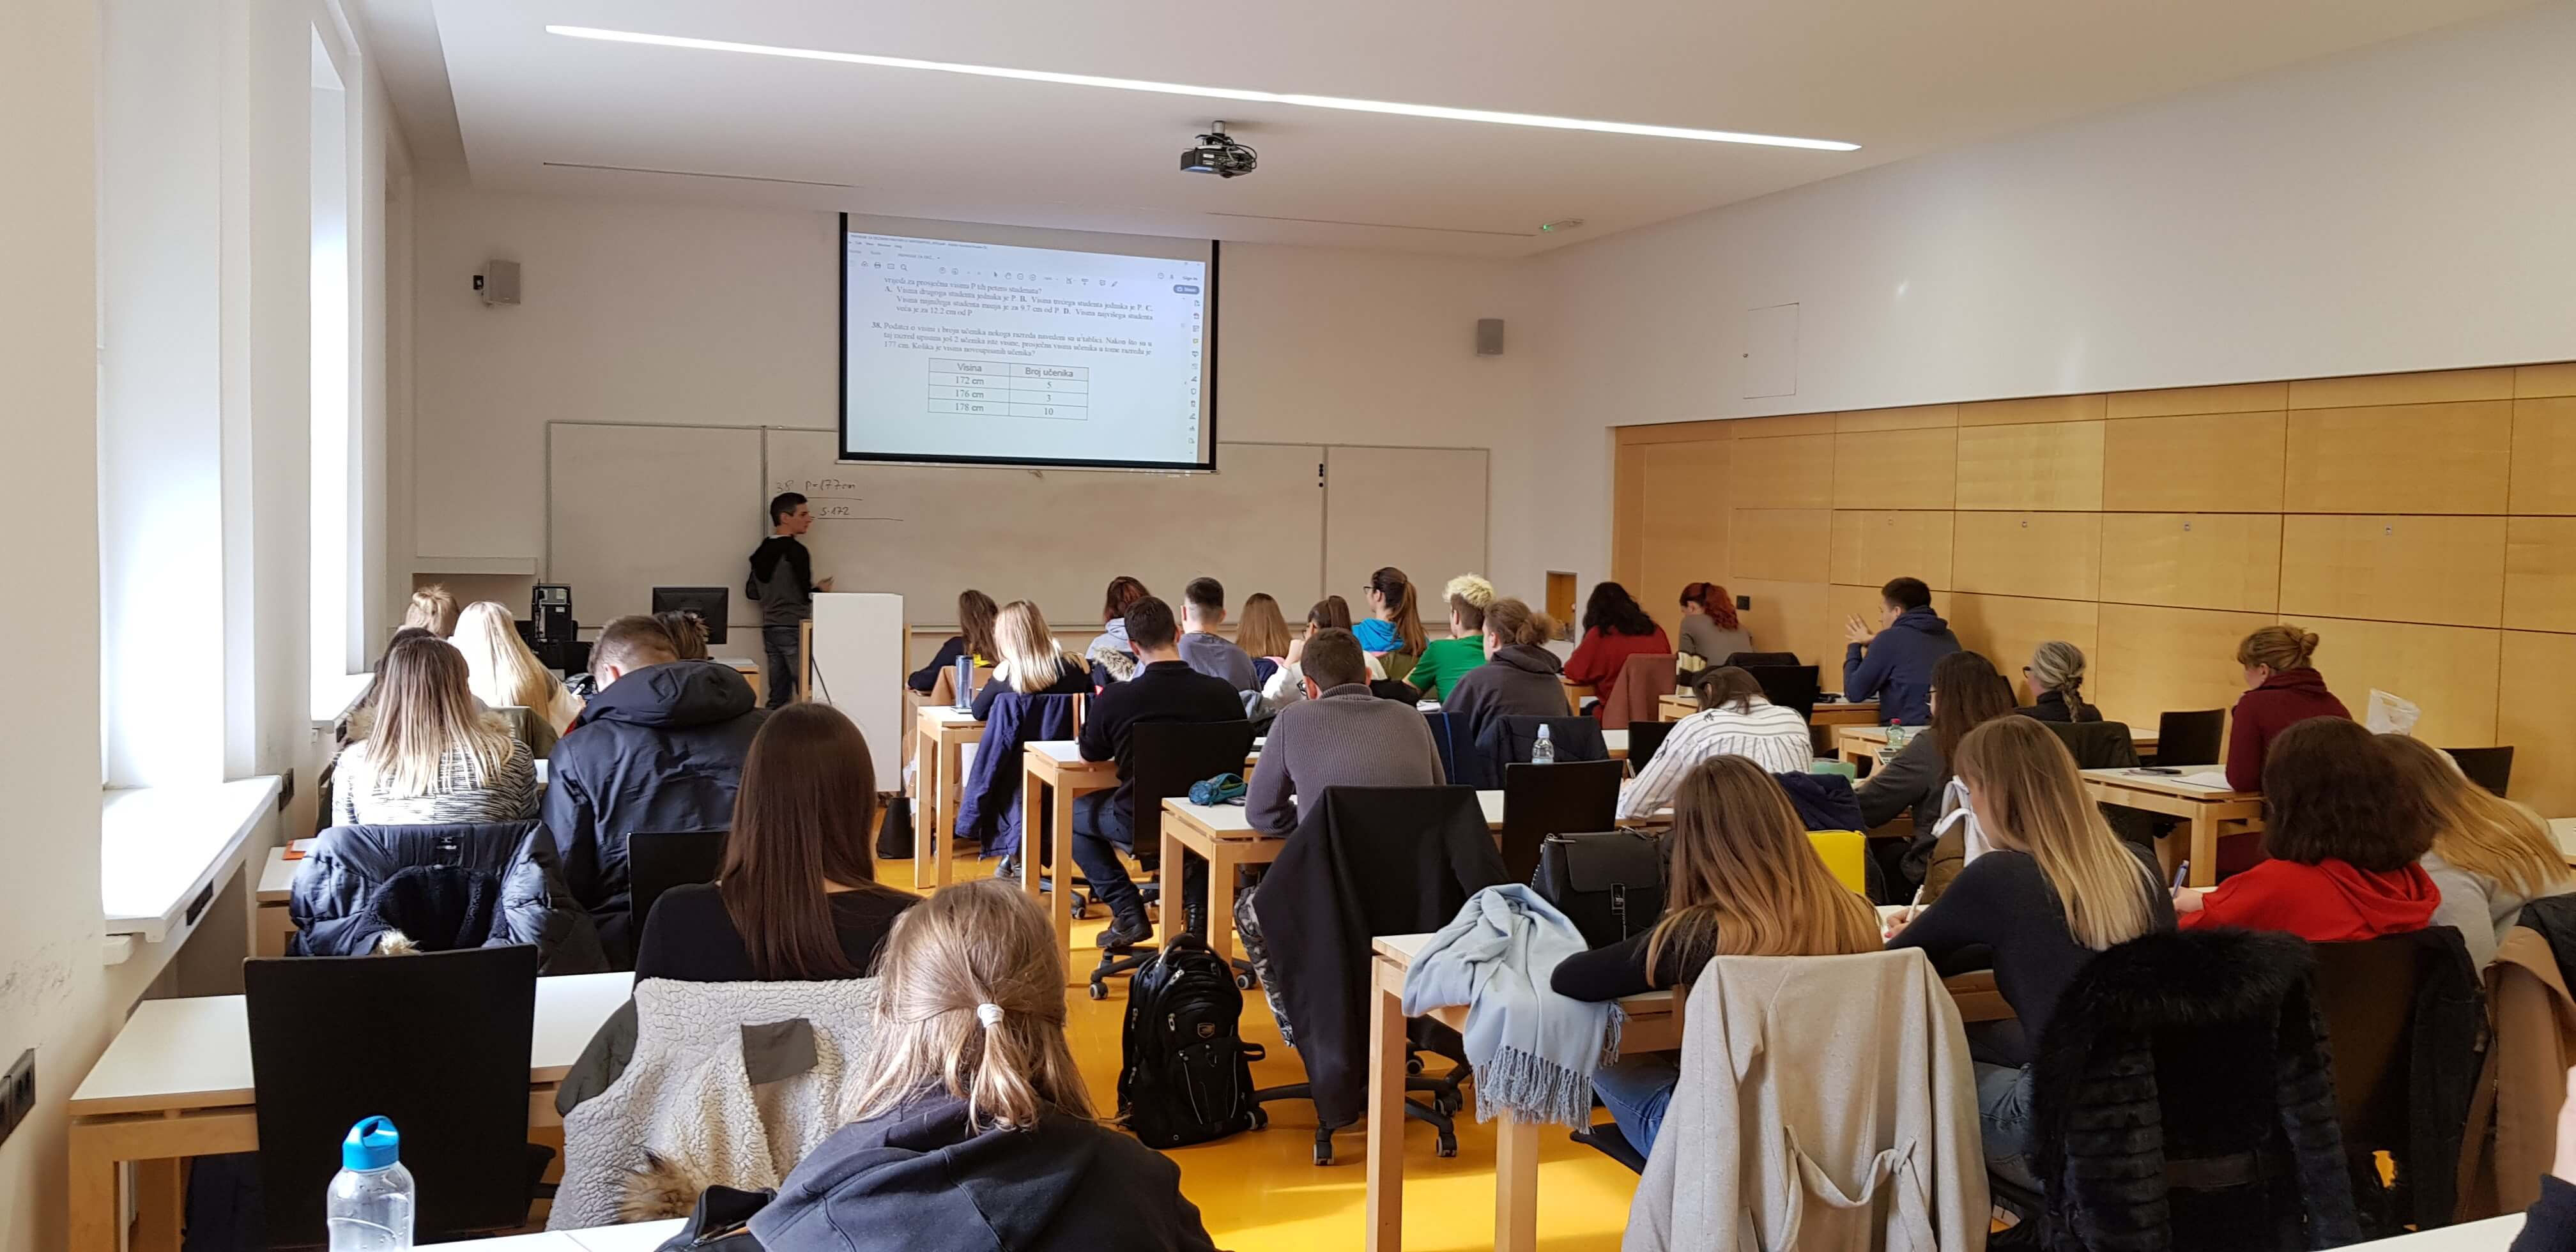 Pripreme za državnu maturu na Šumarskom fakultetu u Zagrebu